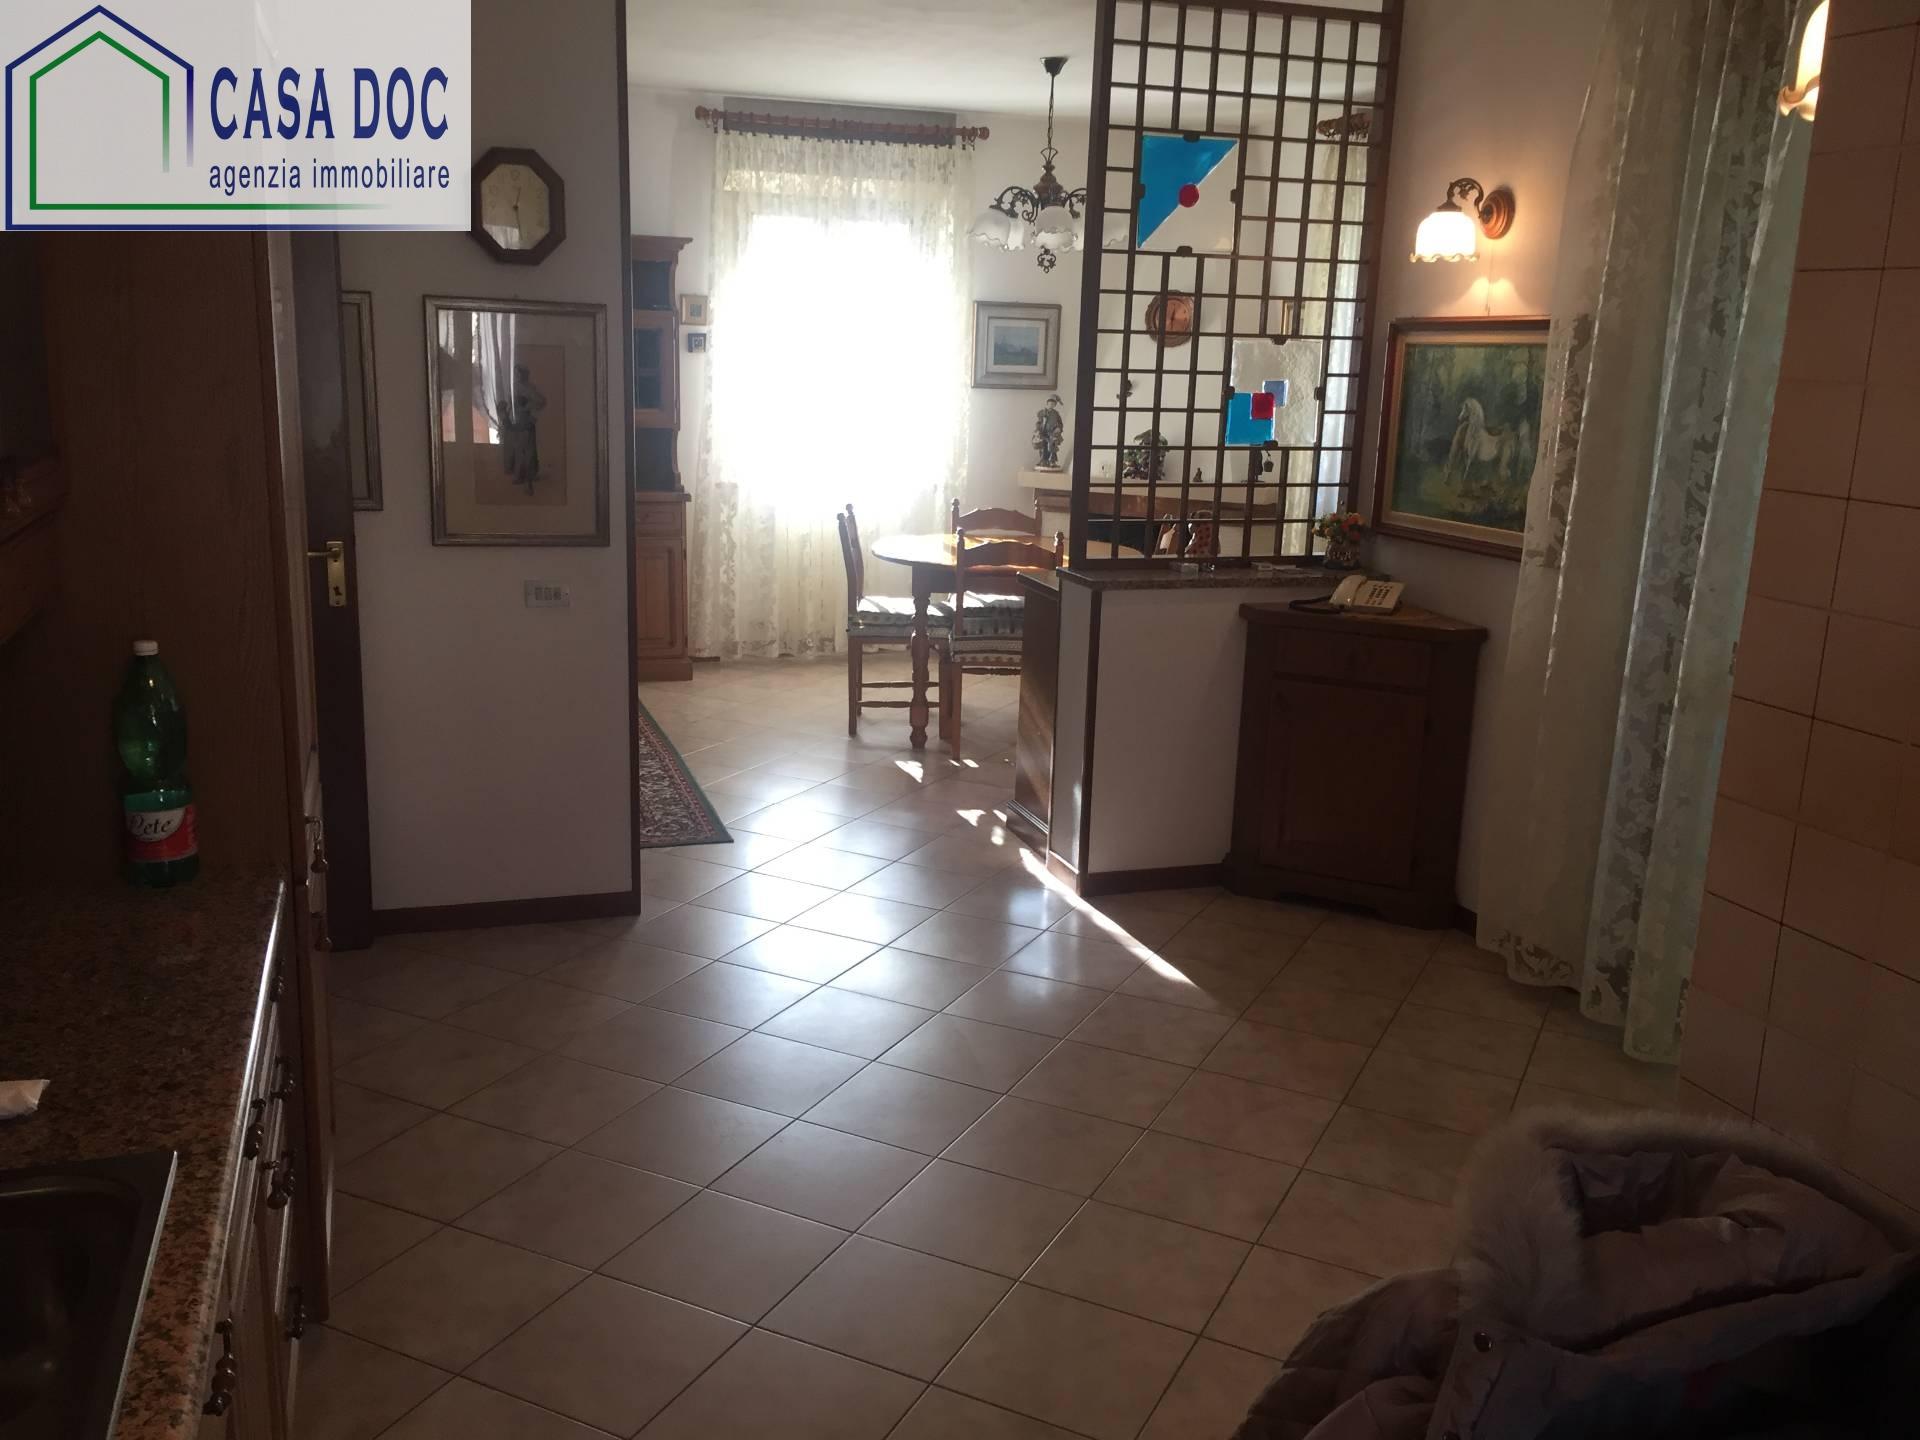 Villa in vendita a Bornasco, 3 locali, prezzo € 285.000 | Cambio Casa.it